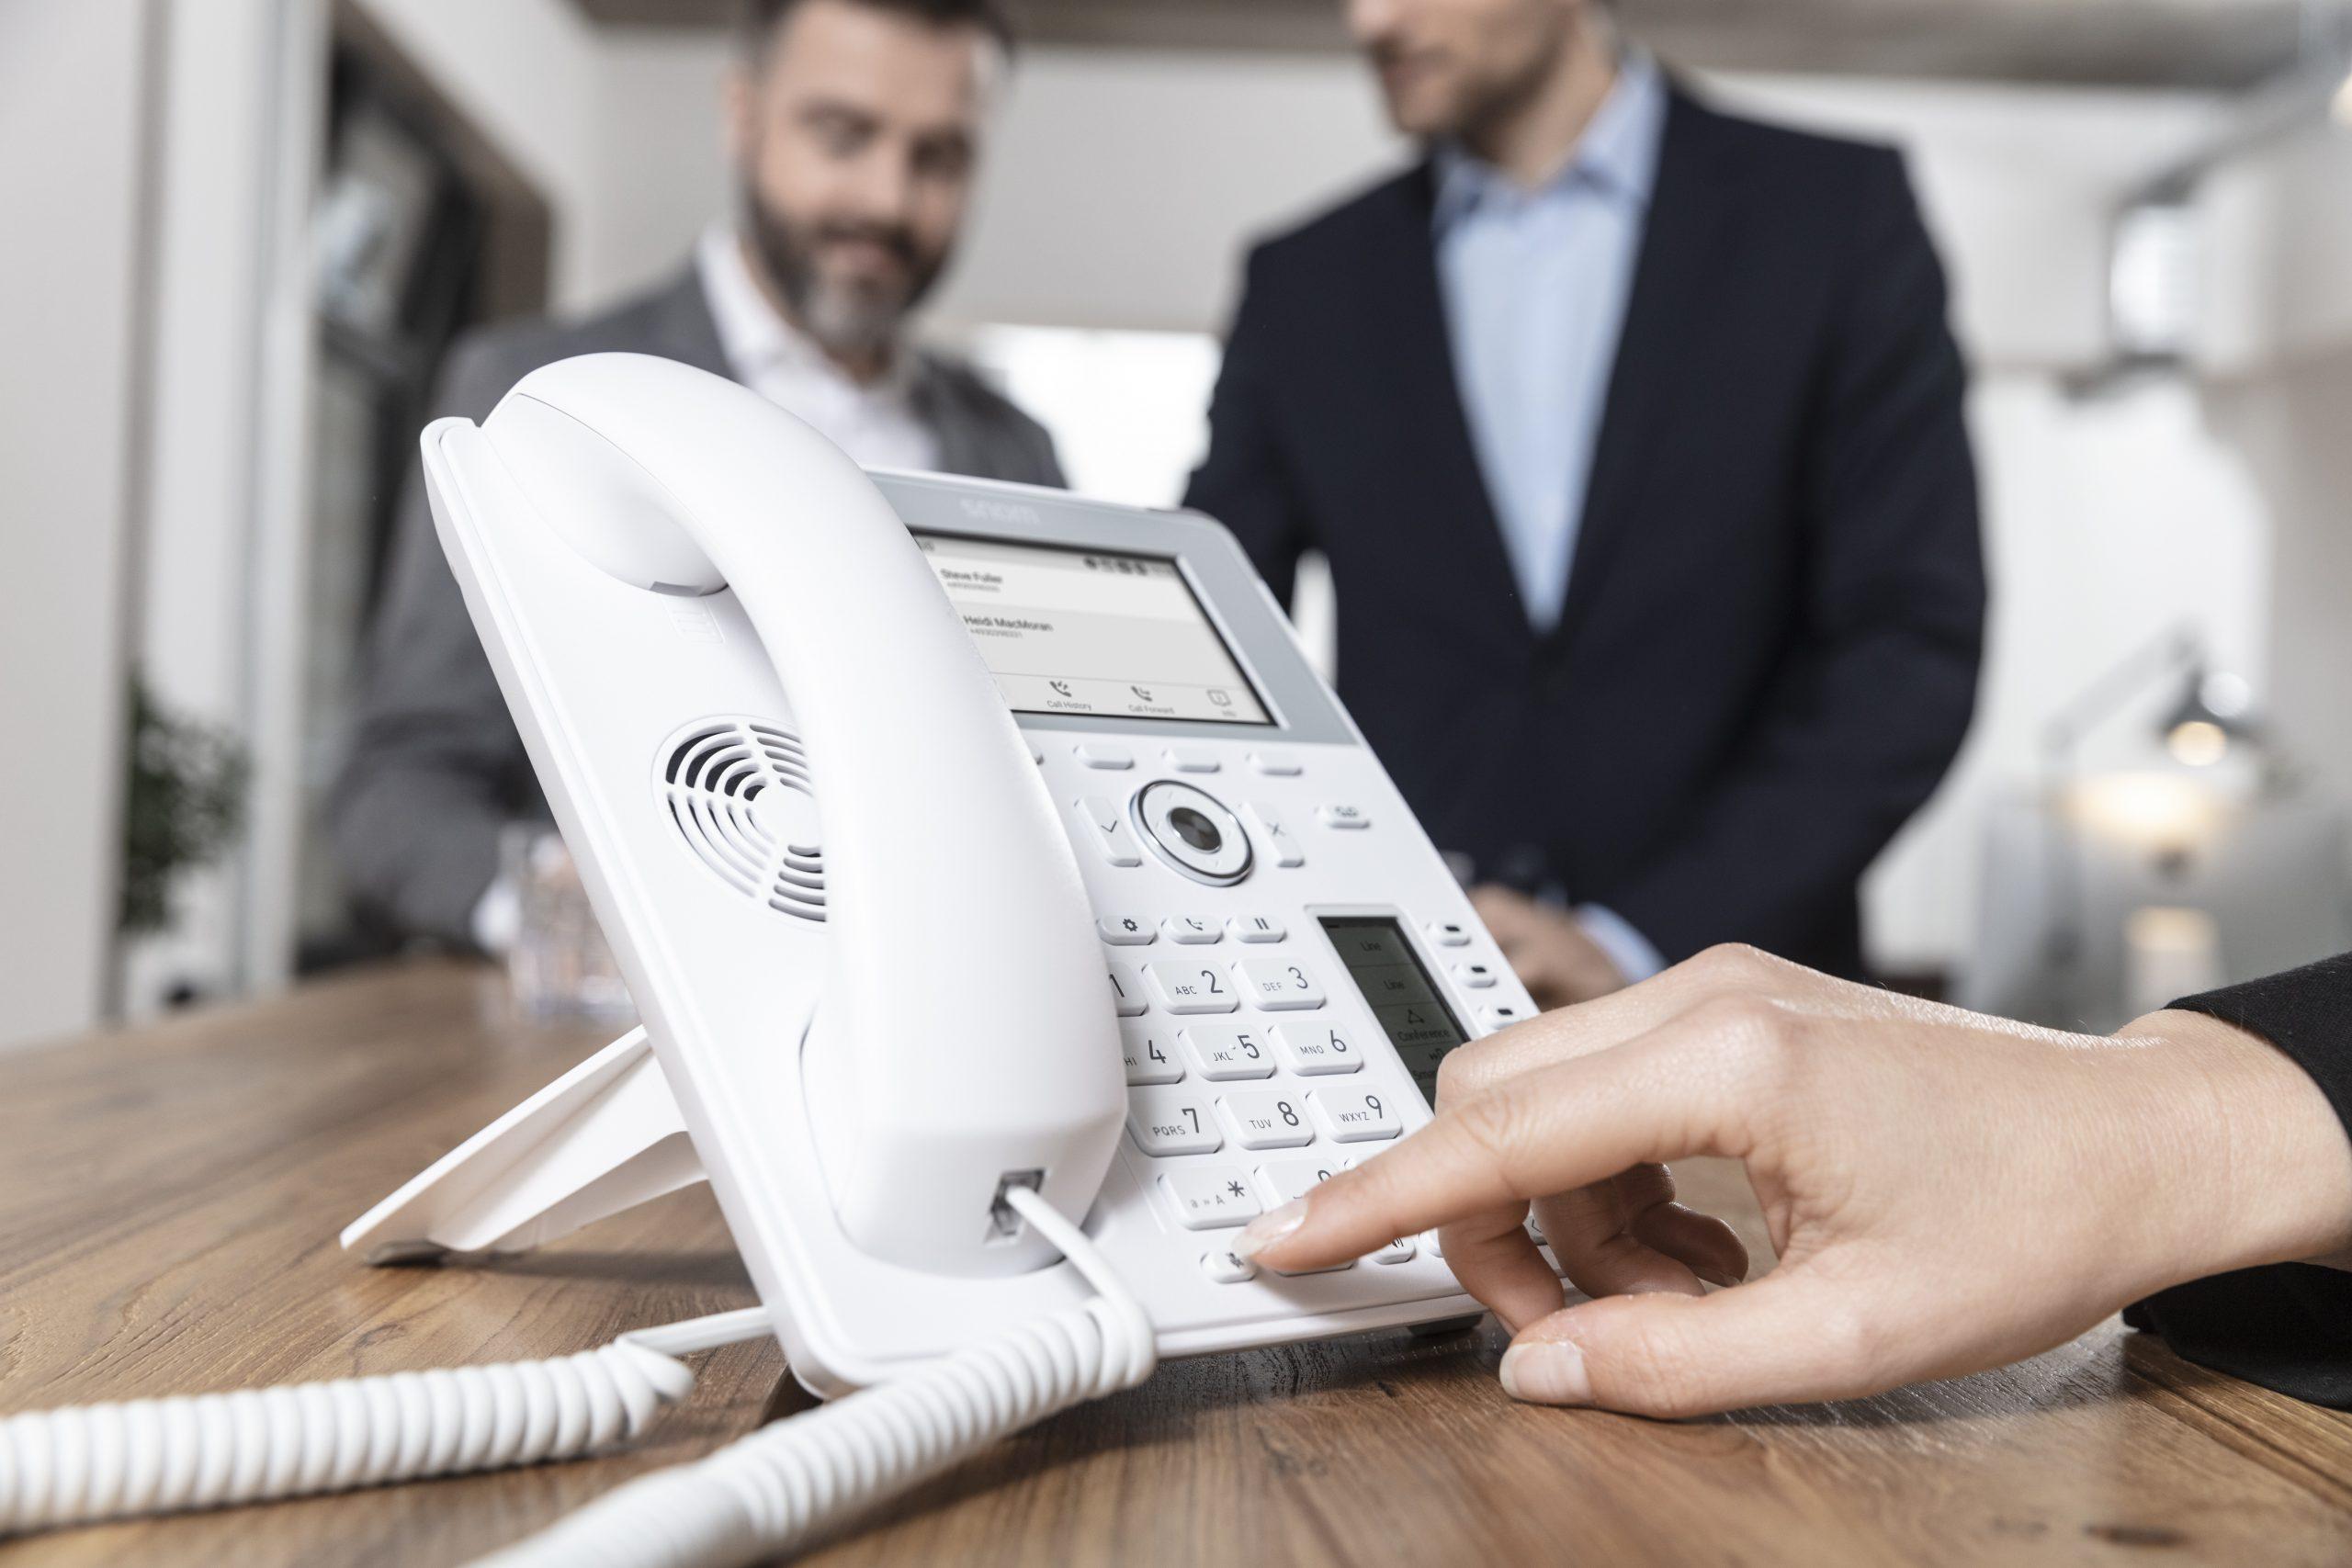 Snom-Vorteile-IP-Telefonanlagen-Telefonie-Beratung-Betreuung-Service-Support-Installation